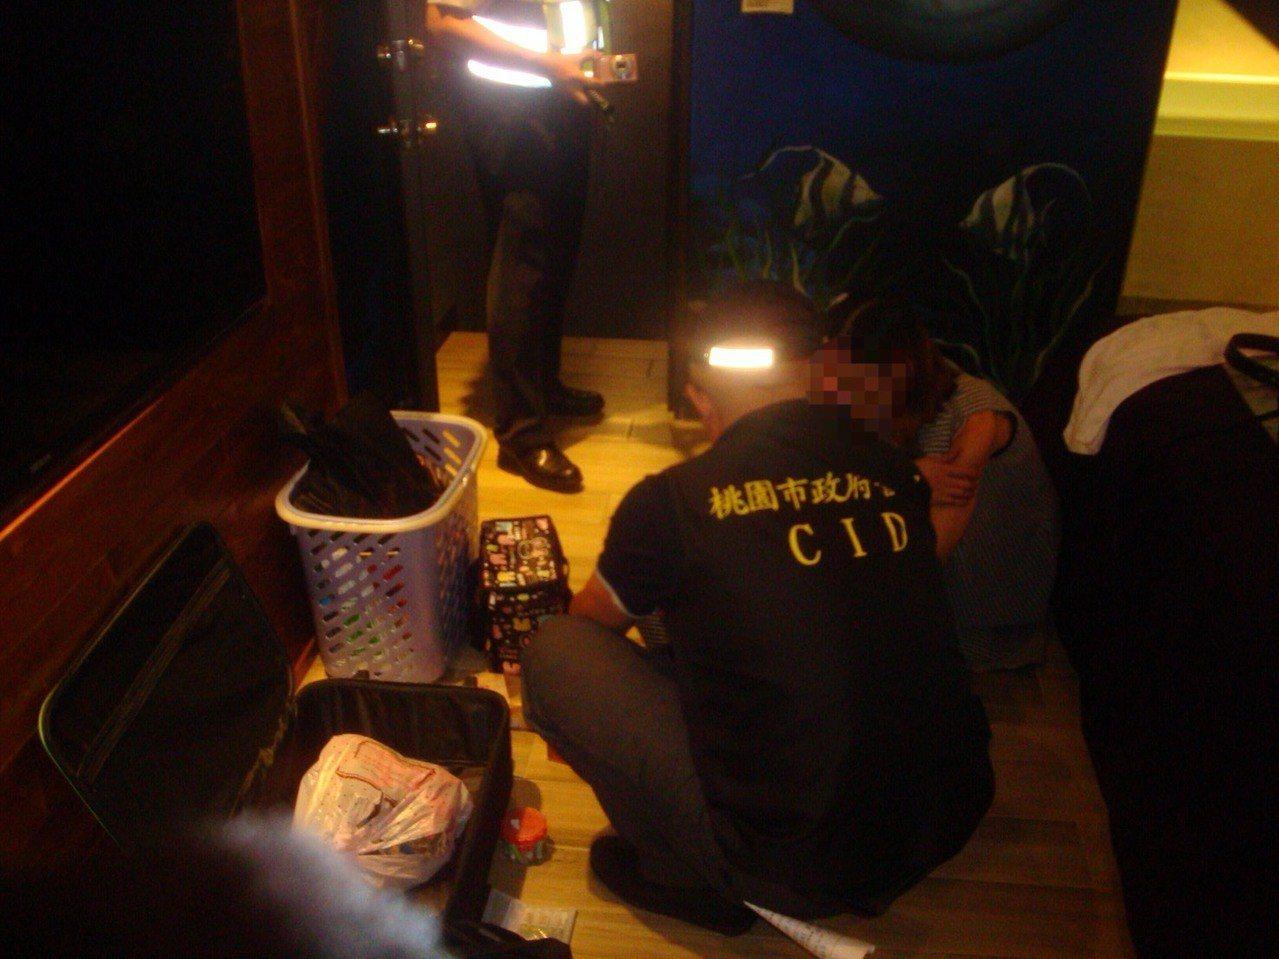 桃園市平鎮警分局今天凌晨執行青春專案,在汽車旅館內查獲一對毒鴛鴦,持有及吸食安非...